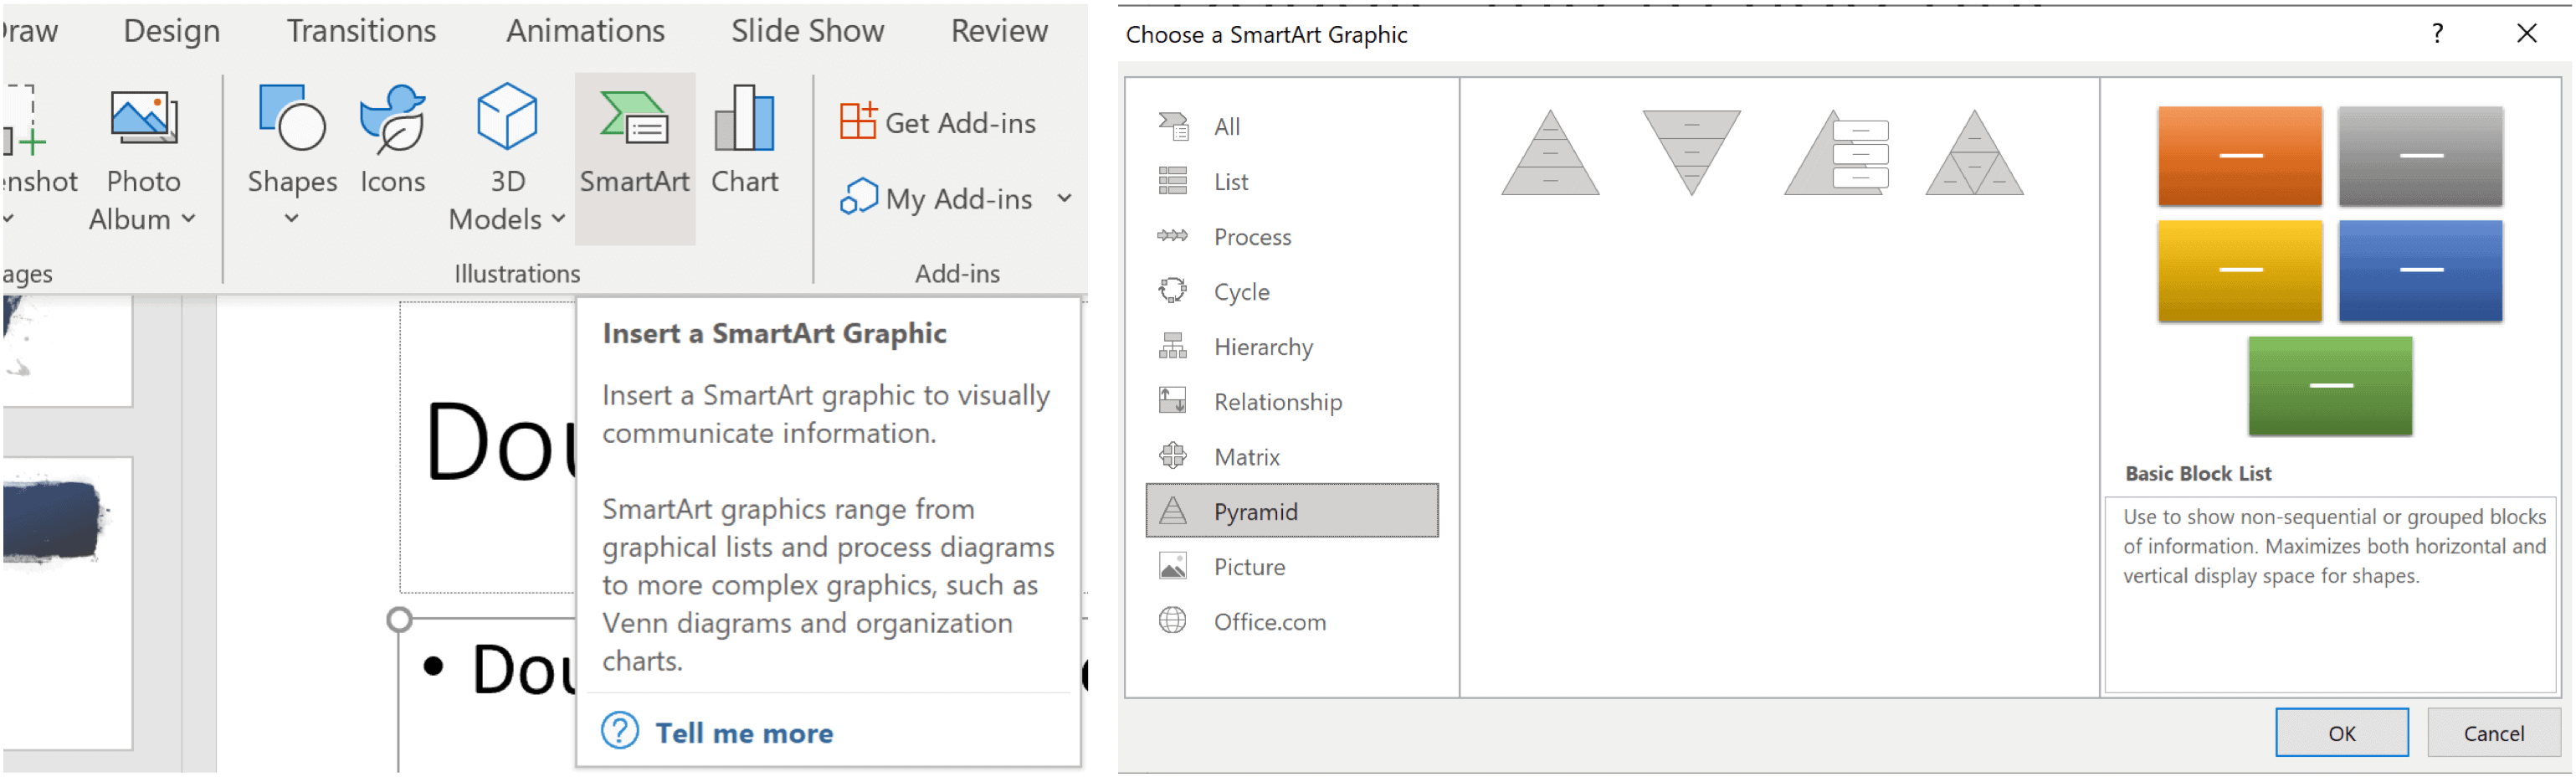 choose interactive pyramid